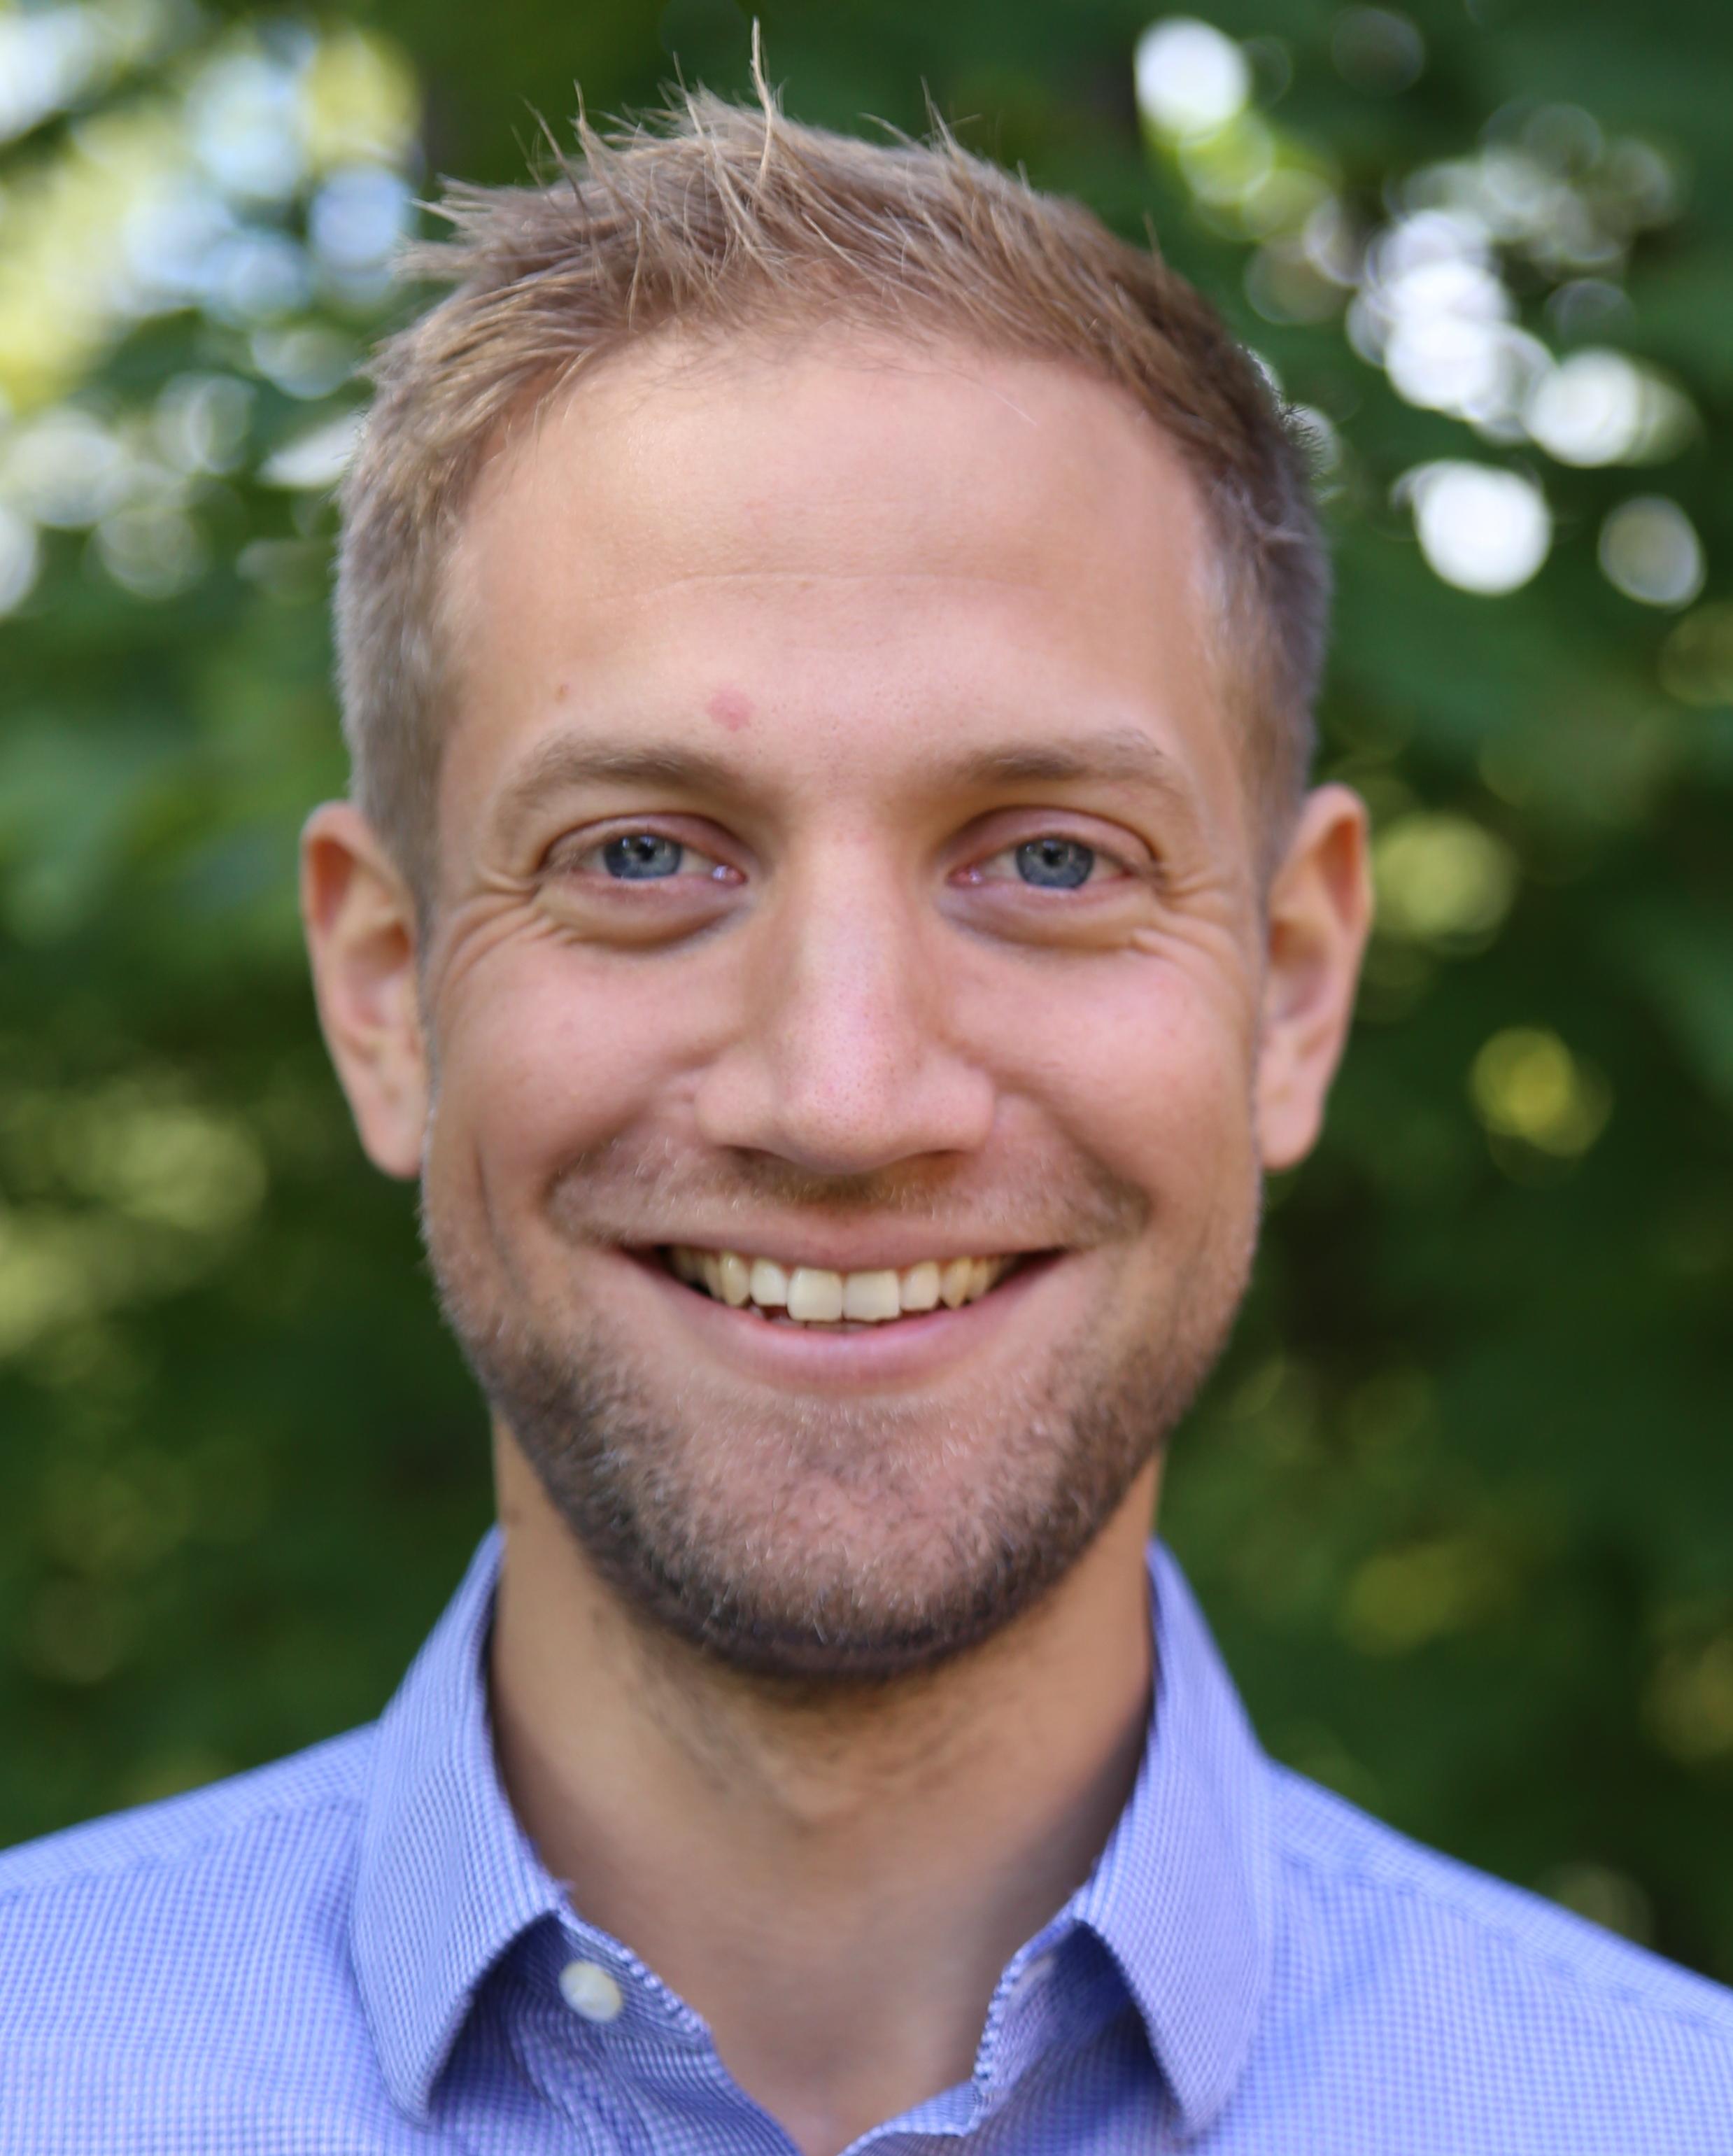 Photo: Jan D. Sørensen